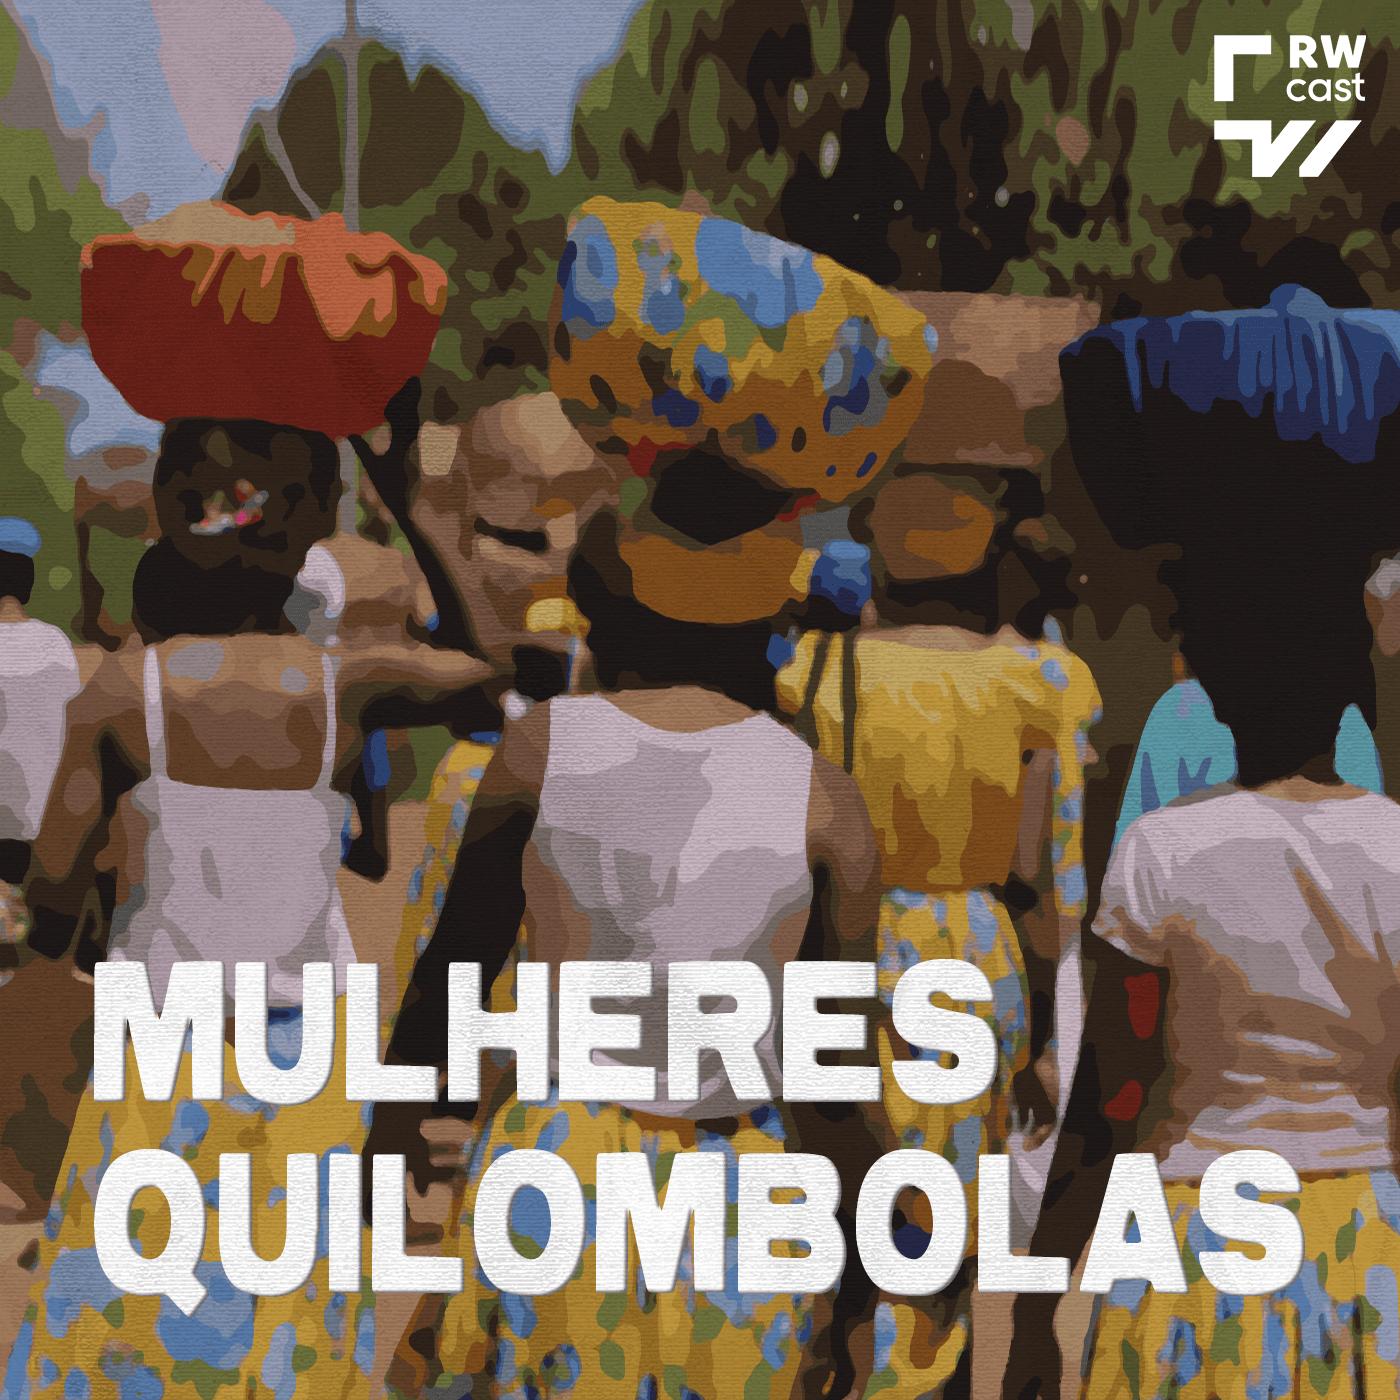 Mulher quilombola: luta e resistência para sobreviver